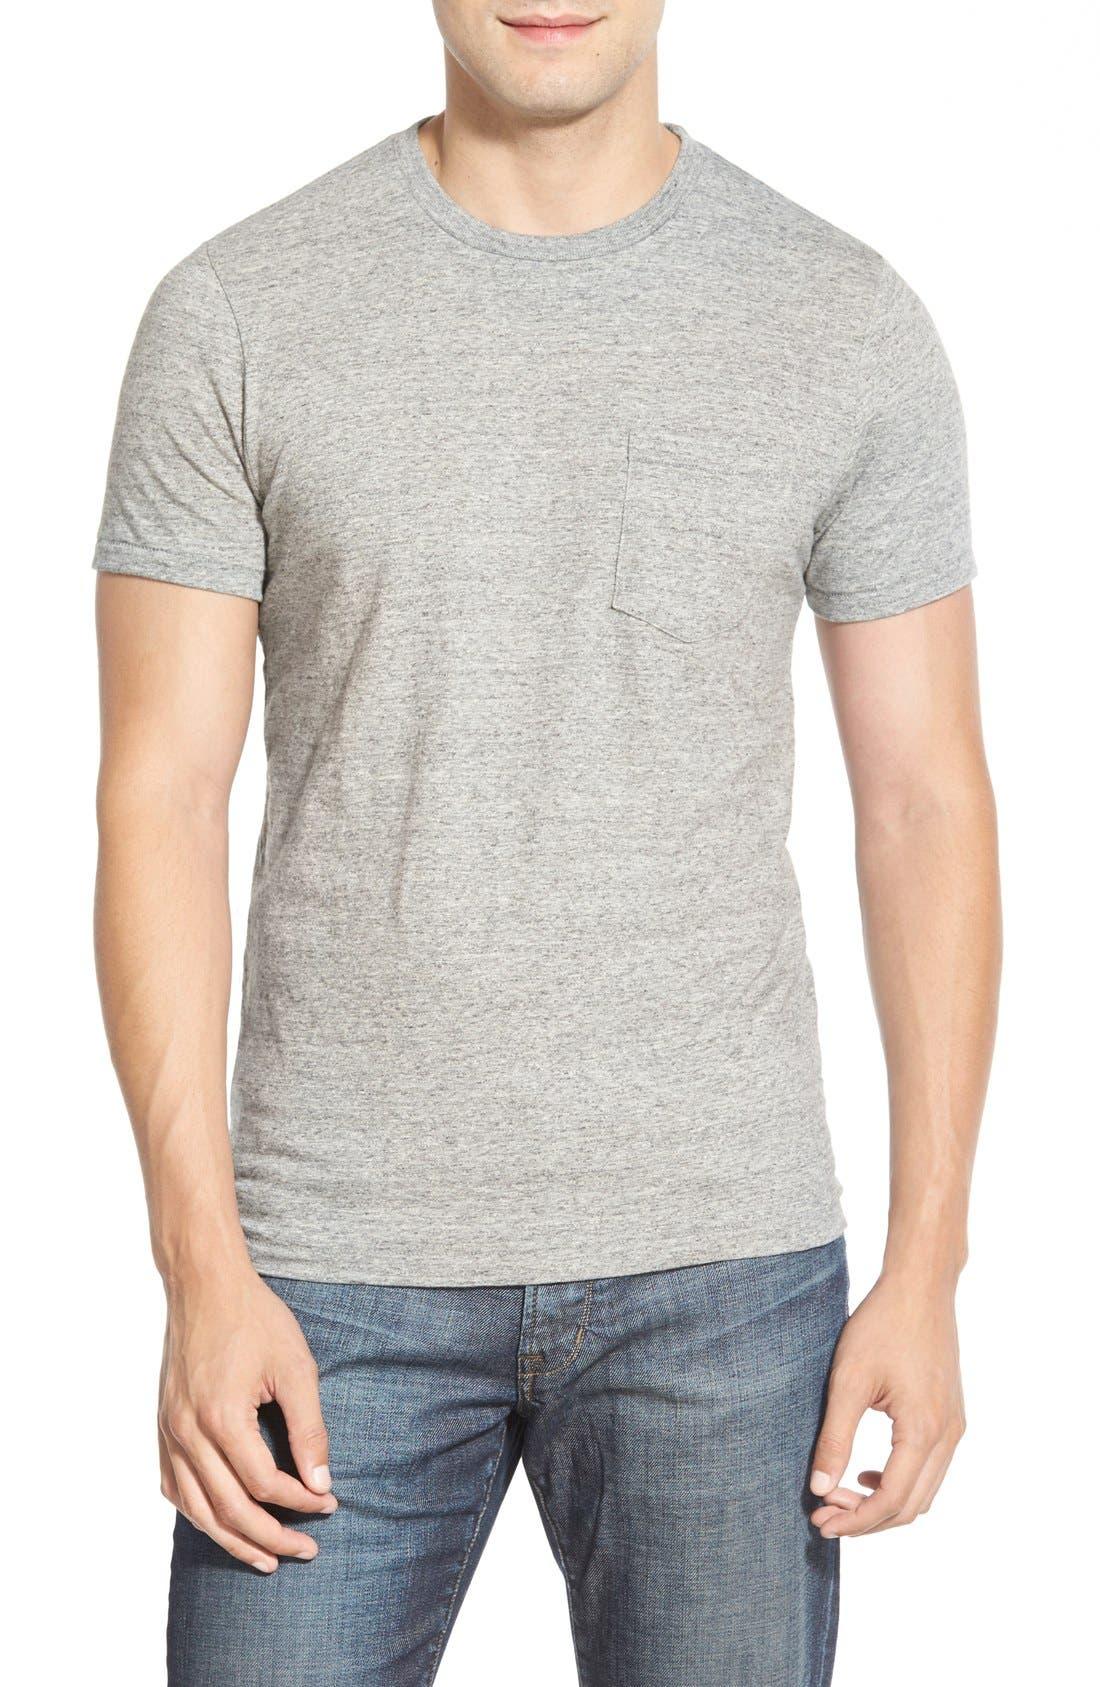 Main Image - Bonobos Double Face Jersey Pocket Crewneck T-Shirt